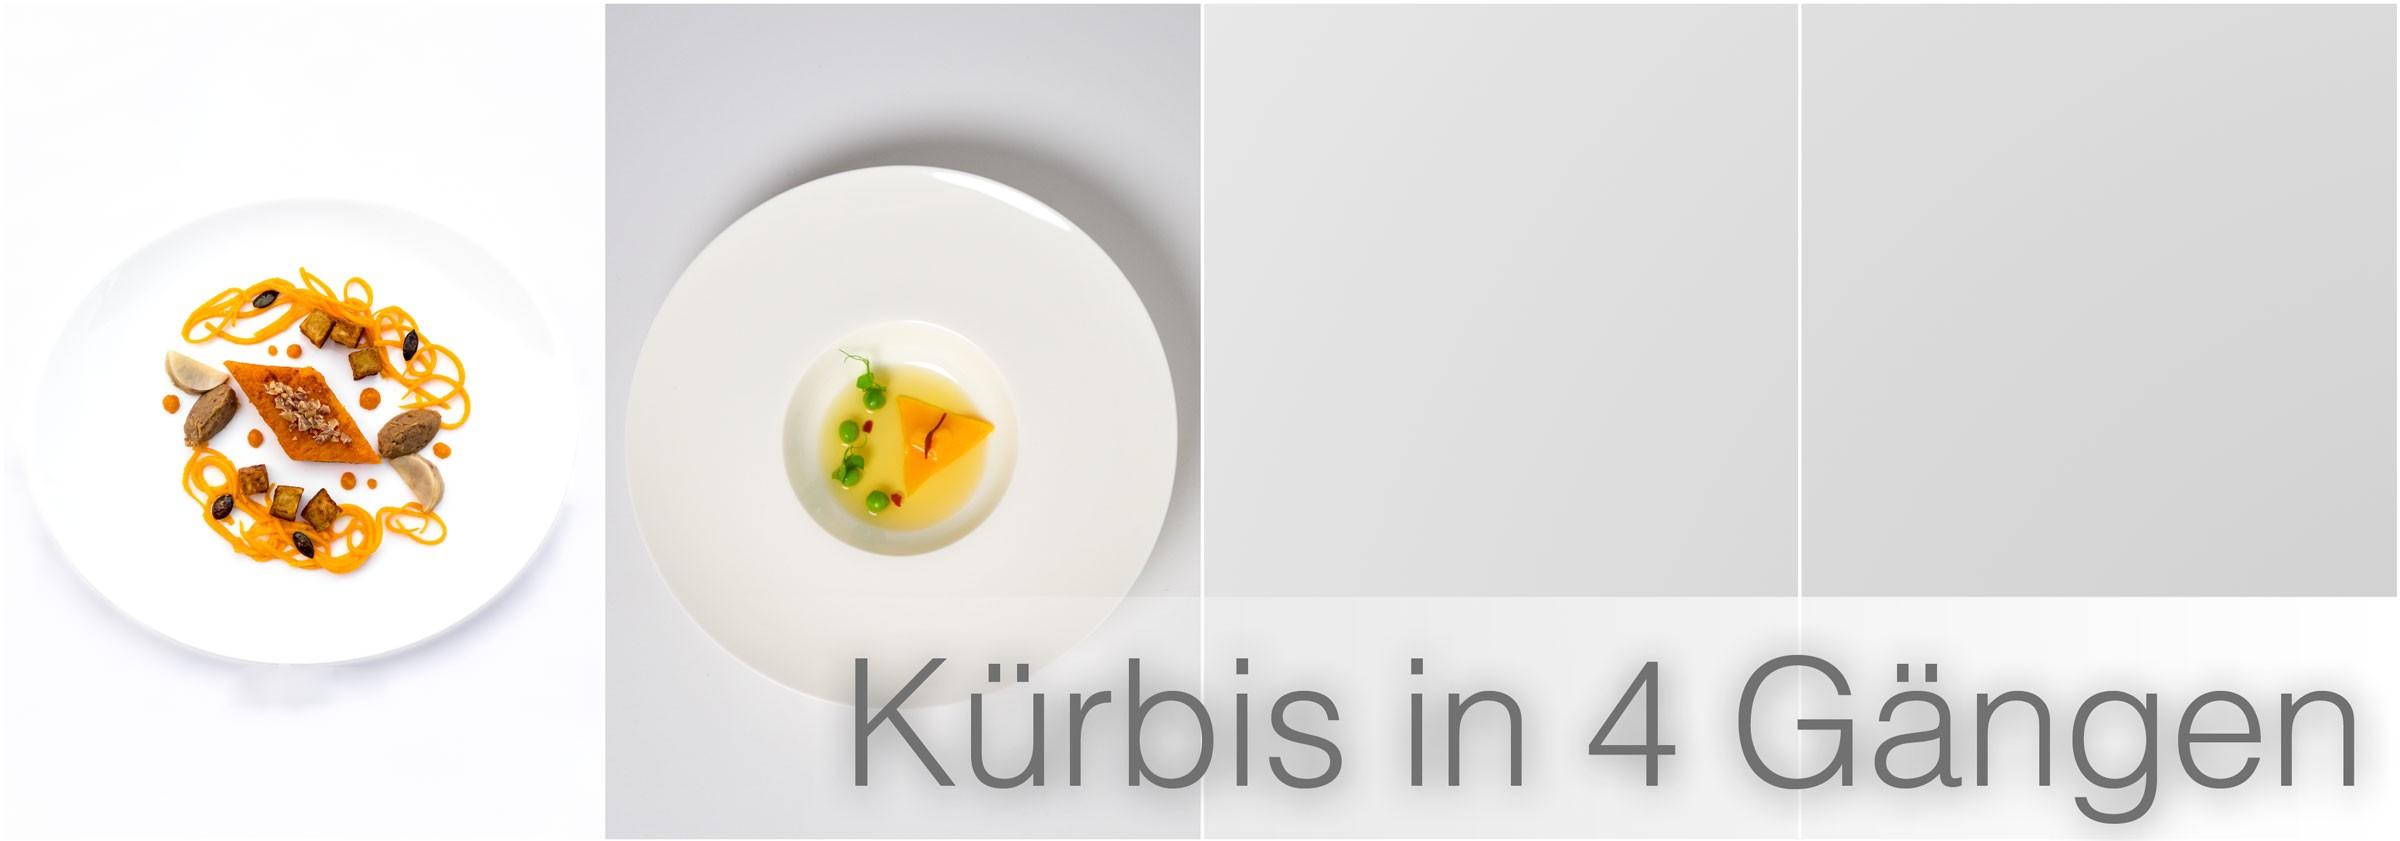 Kürbis-in-4-Gängen-2